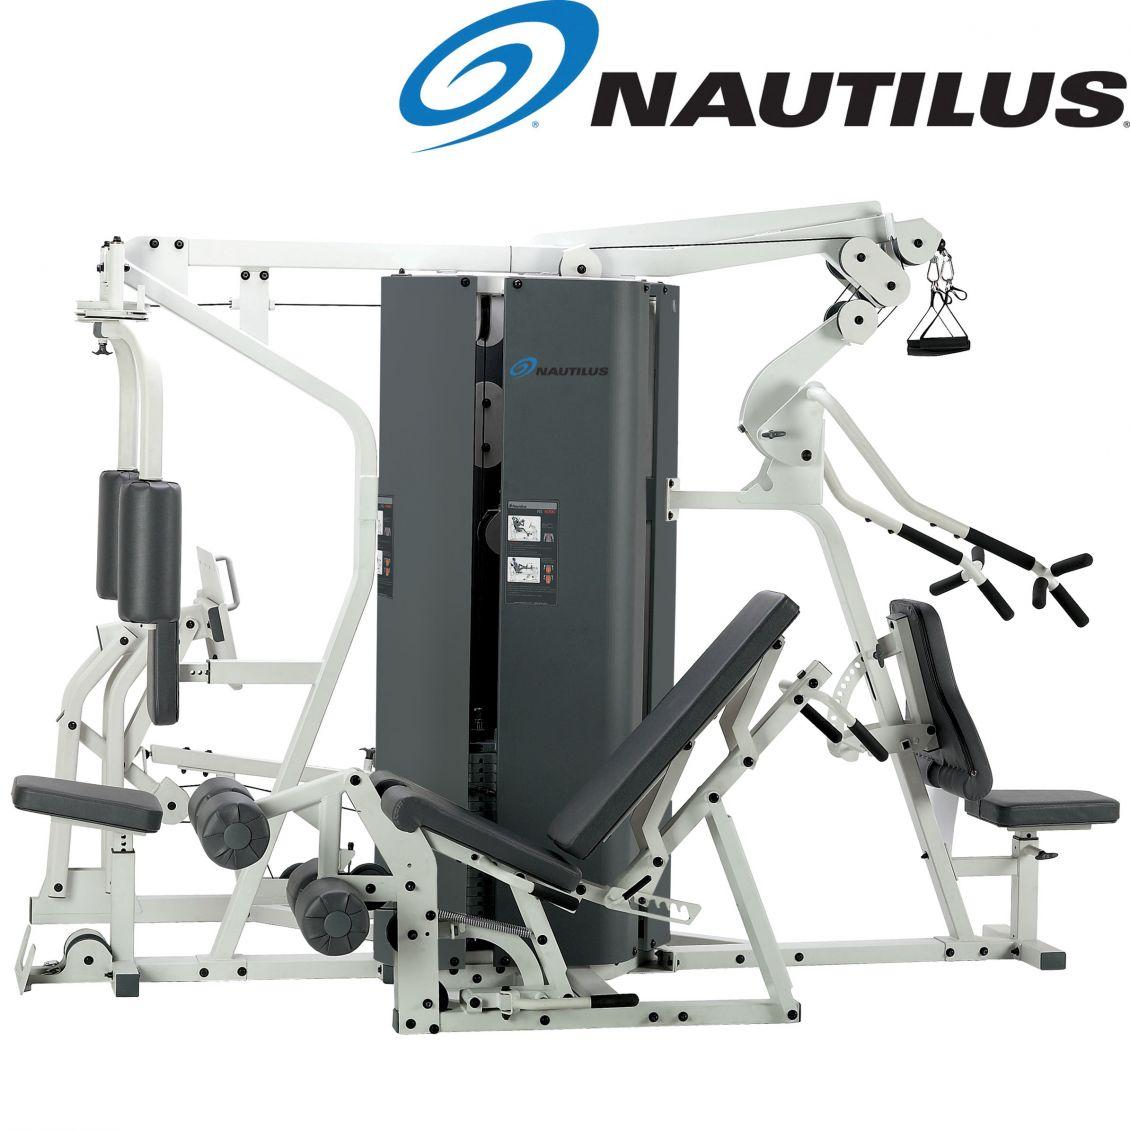 nautilus-fitness.jpg